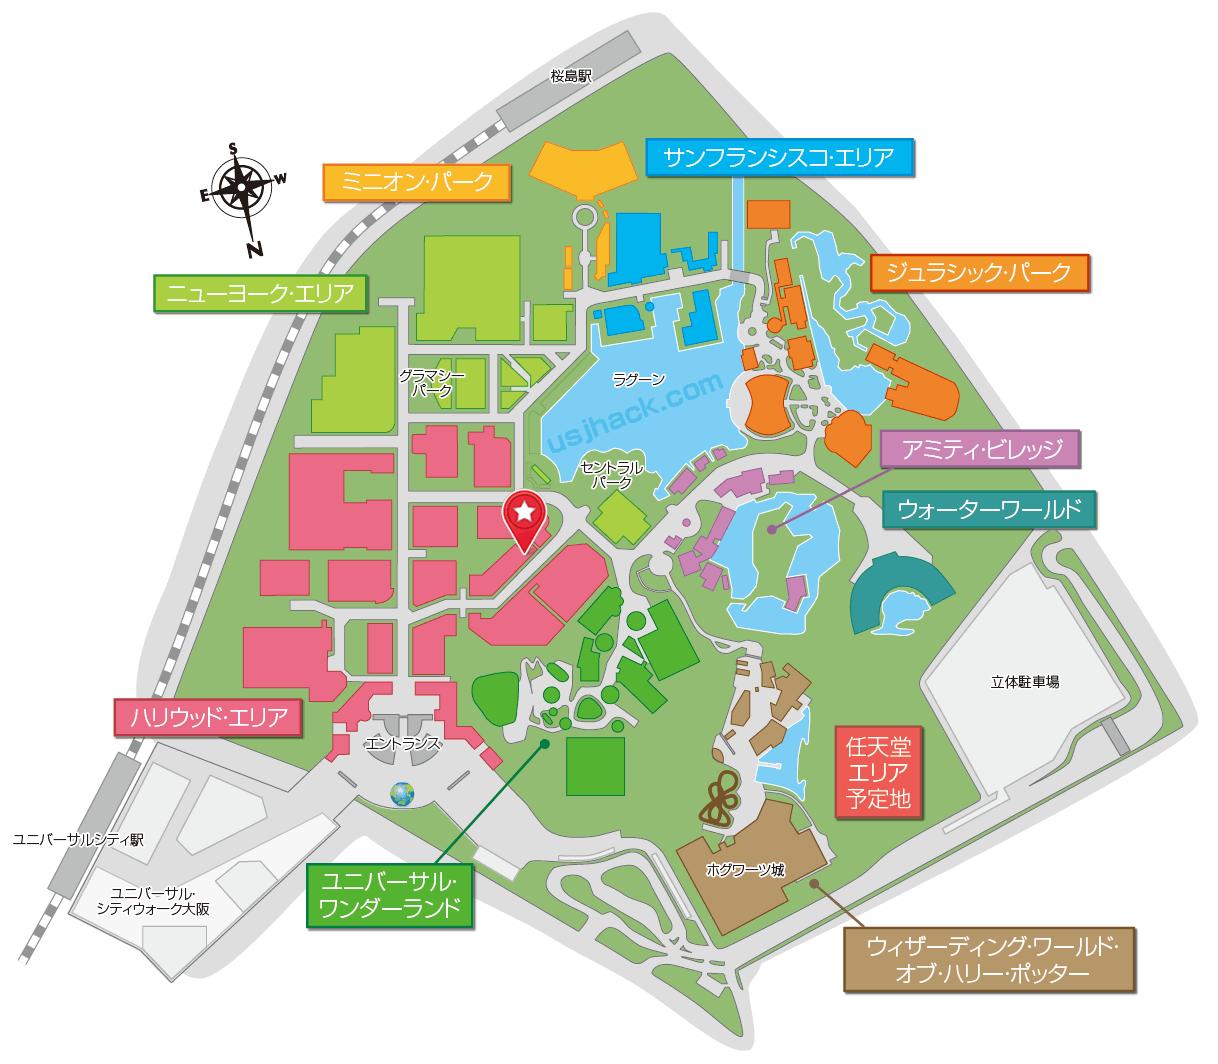 マップで確認するハローキティデザインスタジオの場所